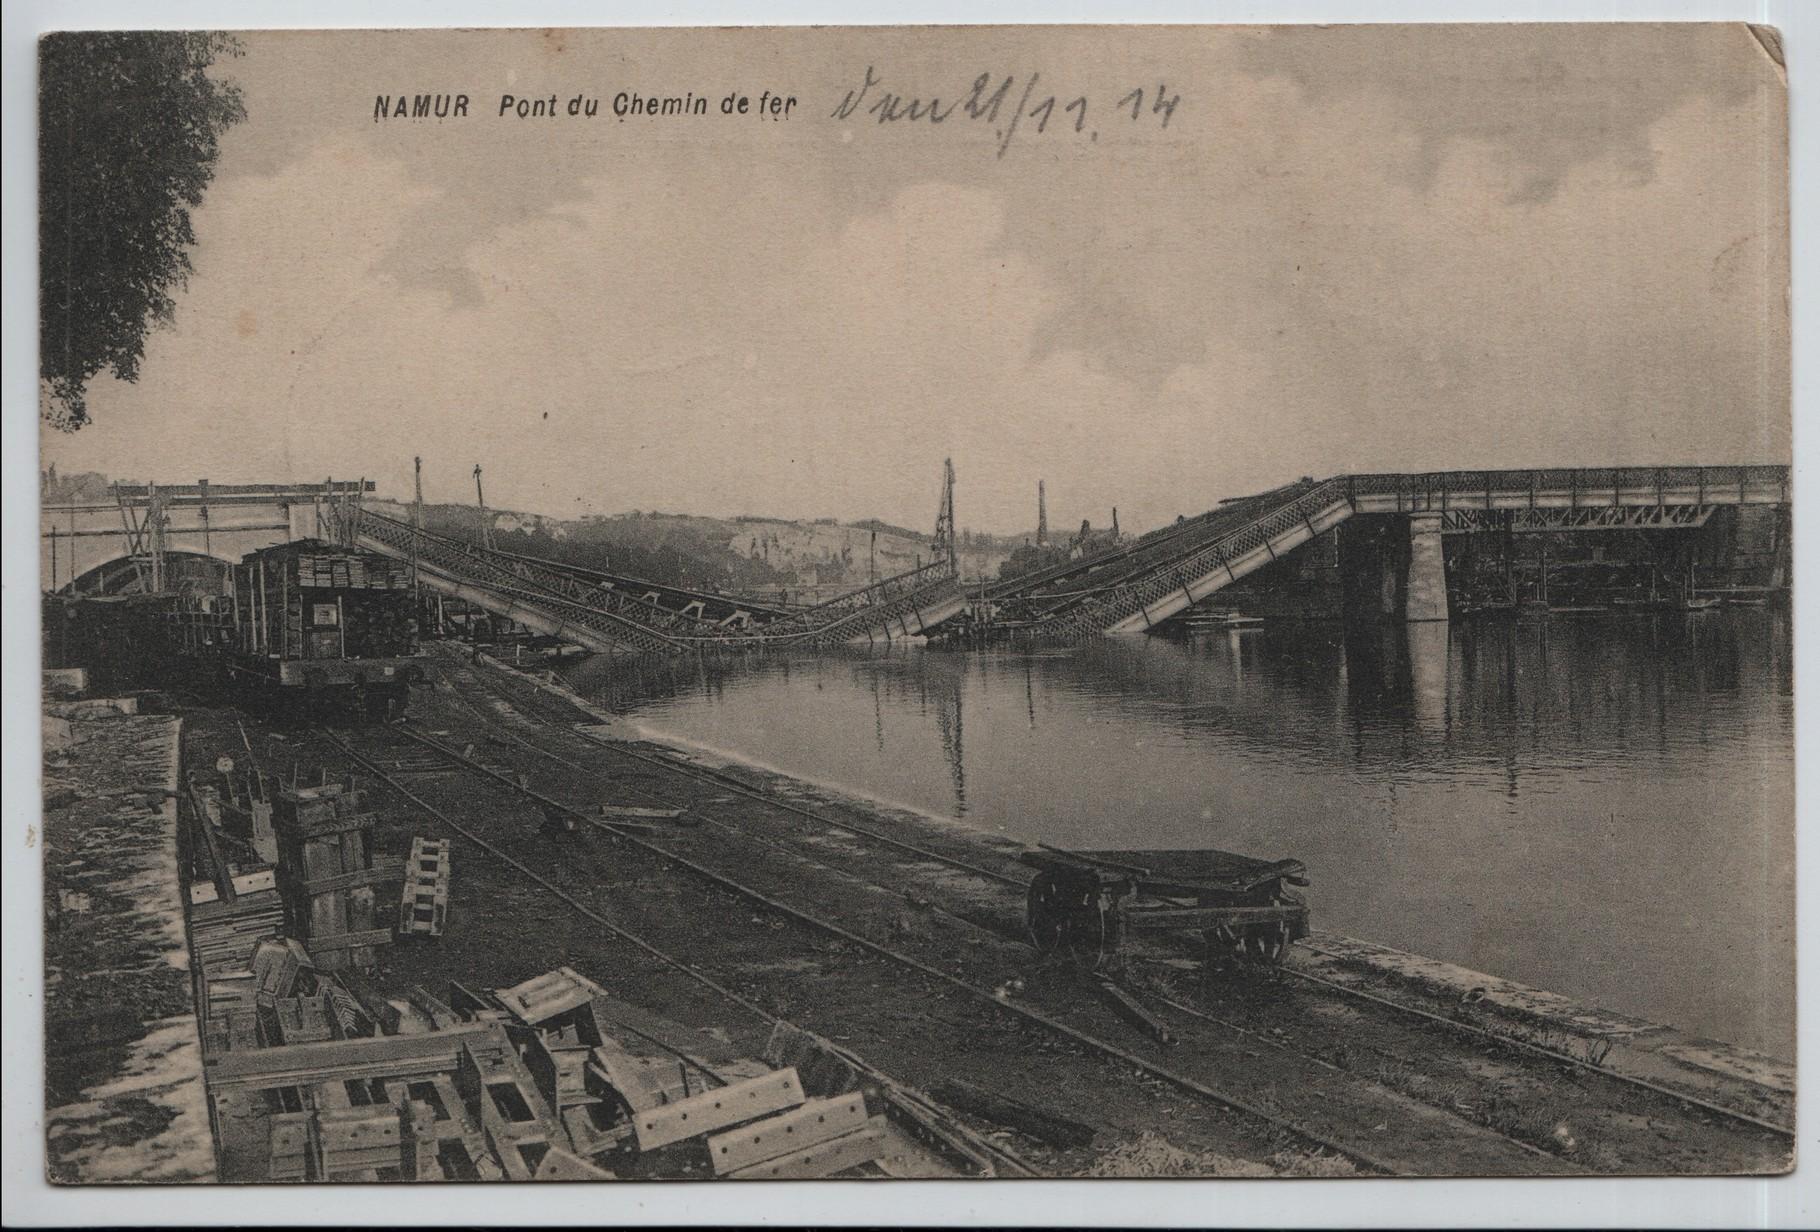 18. Namur railway bridge 21.11.1914